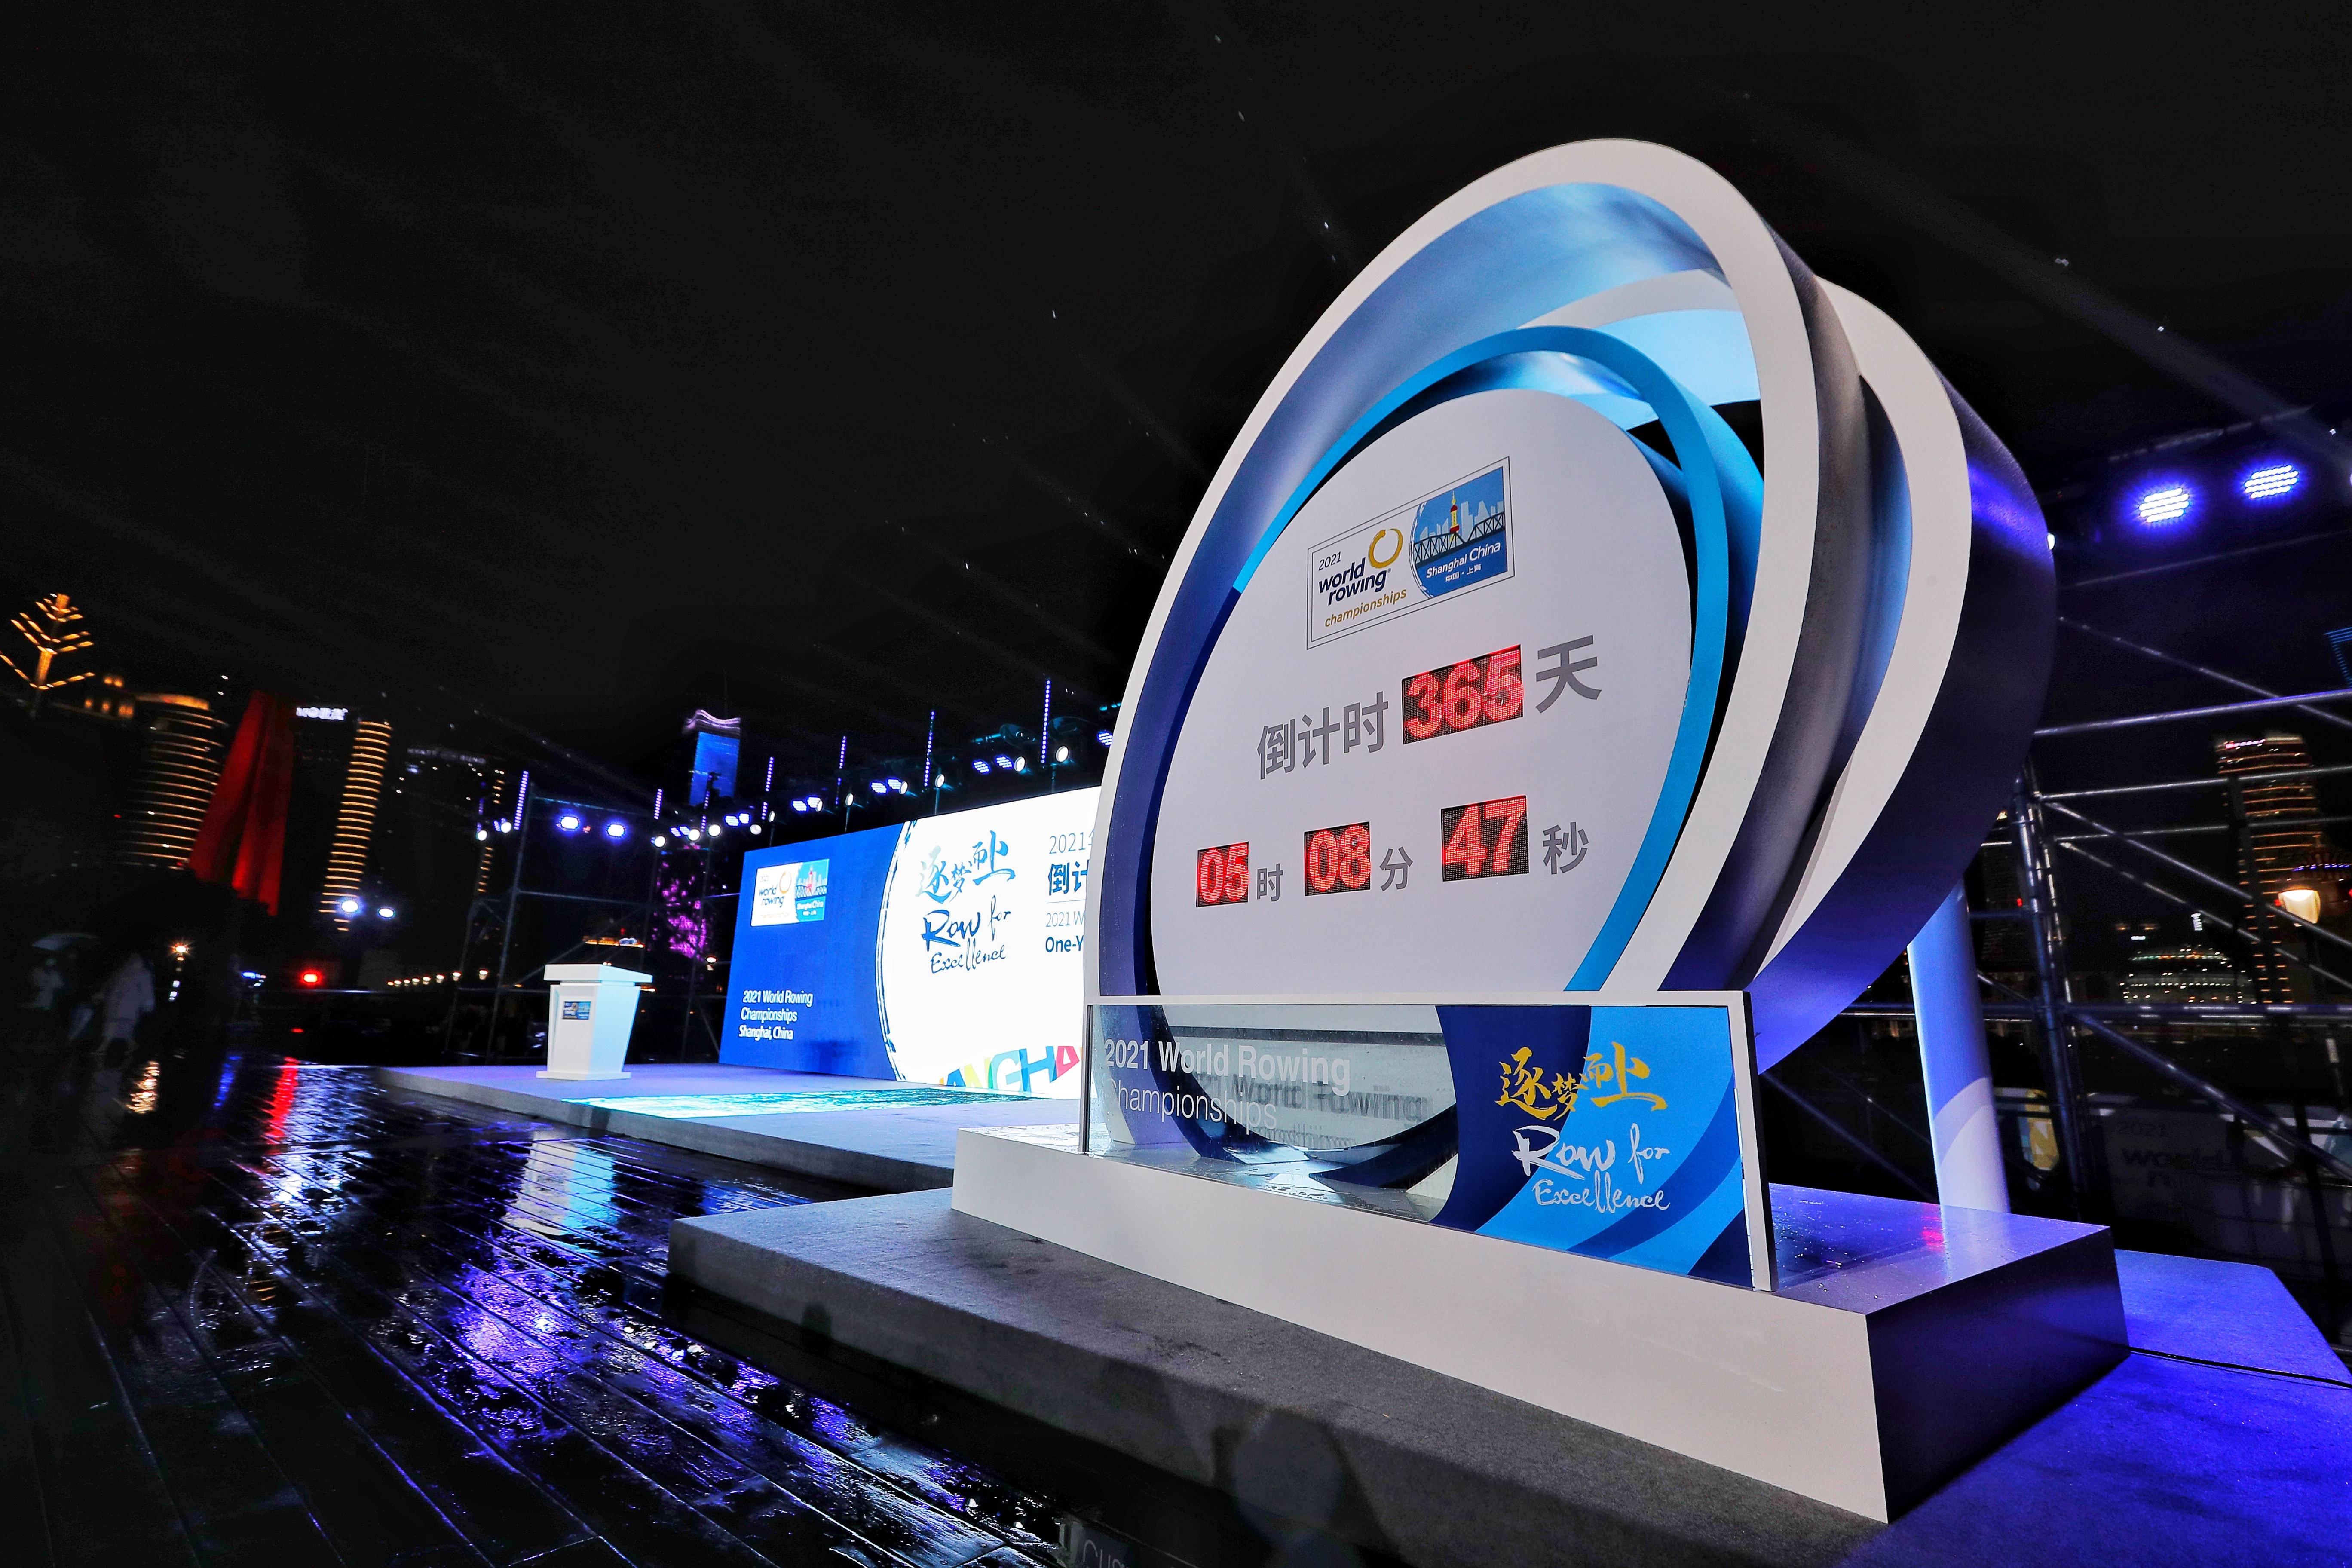 上海赛艇世锦赛倒计时一周年,推广赛艇文化迎来新契机